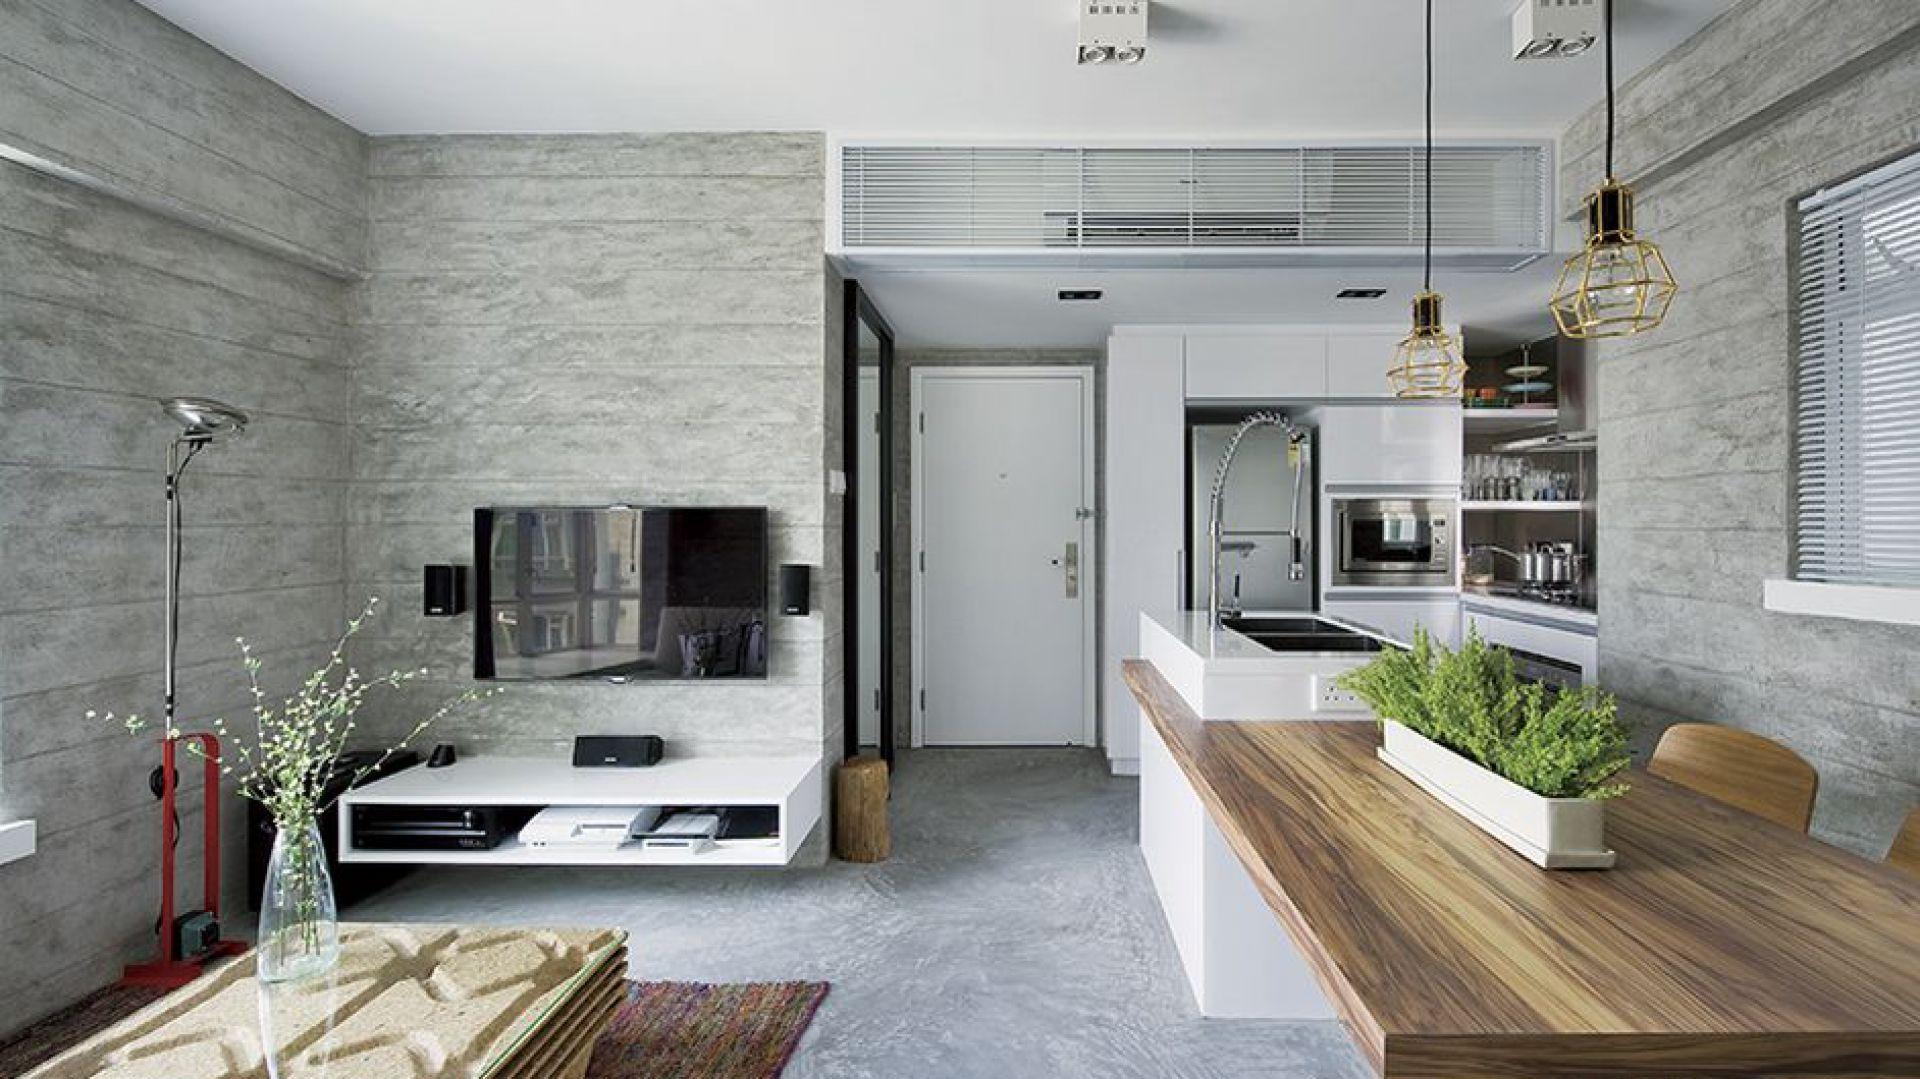 Szafka RTV w salonie dopasowana została stylistycznie i kolorystycznie do białej zabudowy i wyspy w kuchni. Ciekawy efekt do wnętrza wprowadza stolik kawowy, którego blat stanowi tafla szkła, a korpus wykonano z wielowarstwowego betonu. Projekt: Millimeter Interior Design. Fot. Millimeter Interior Design.